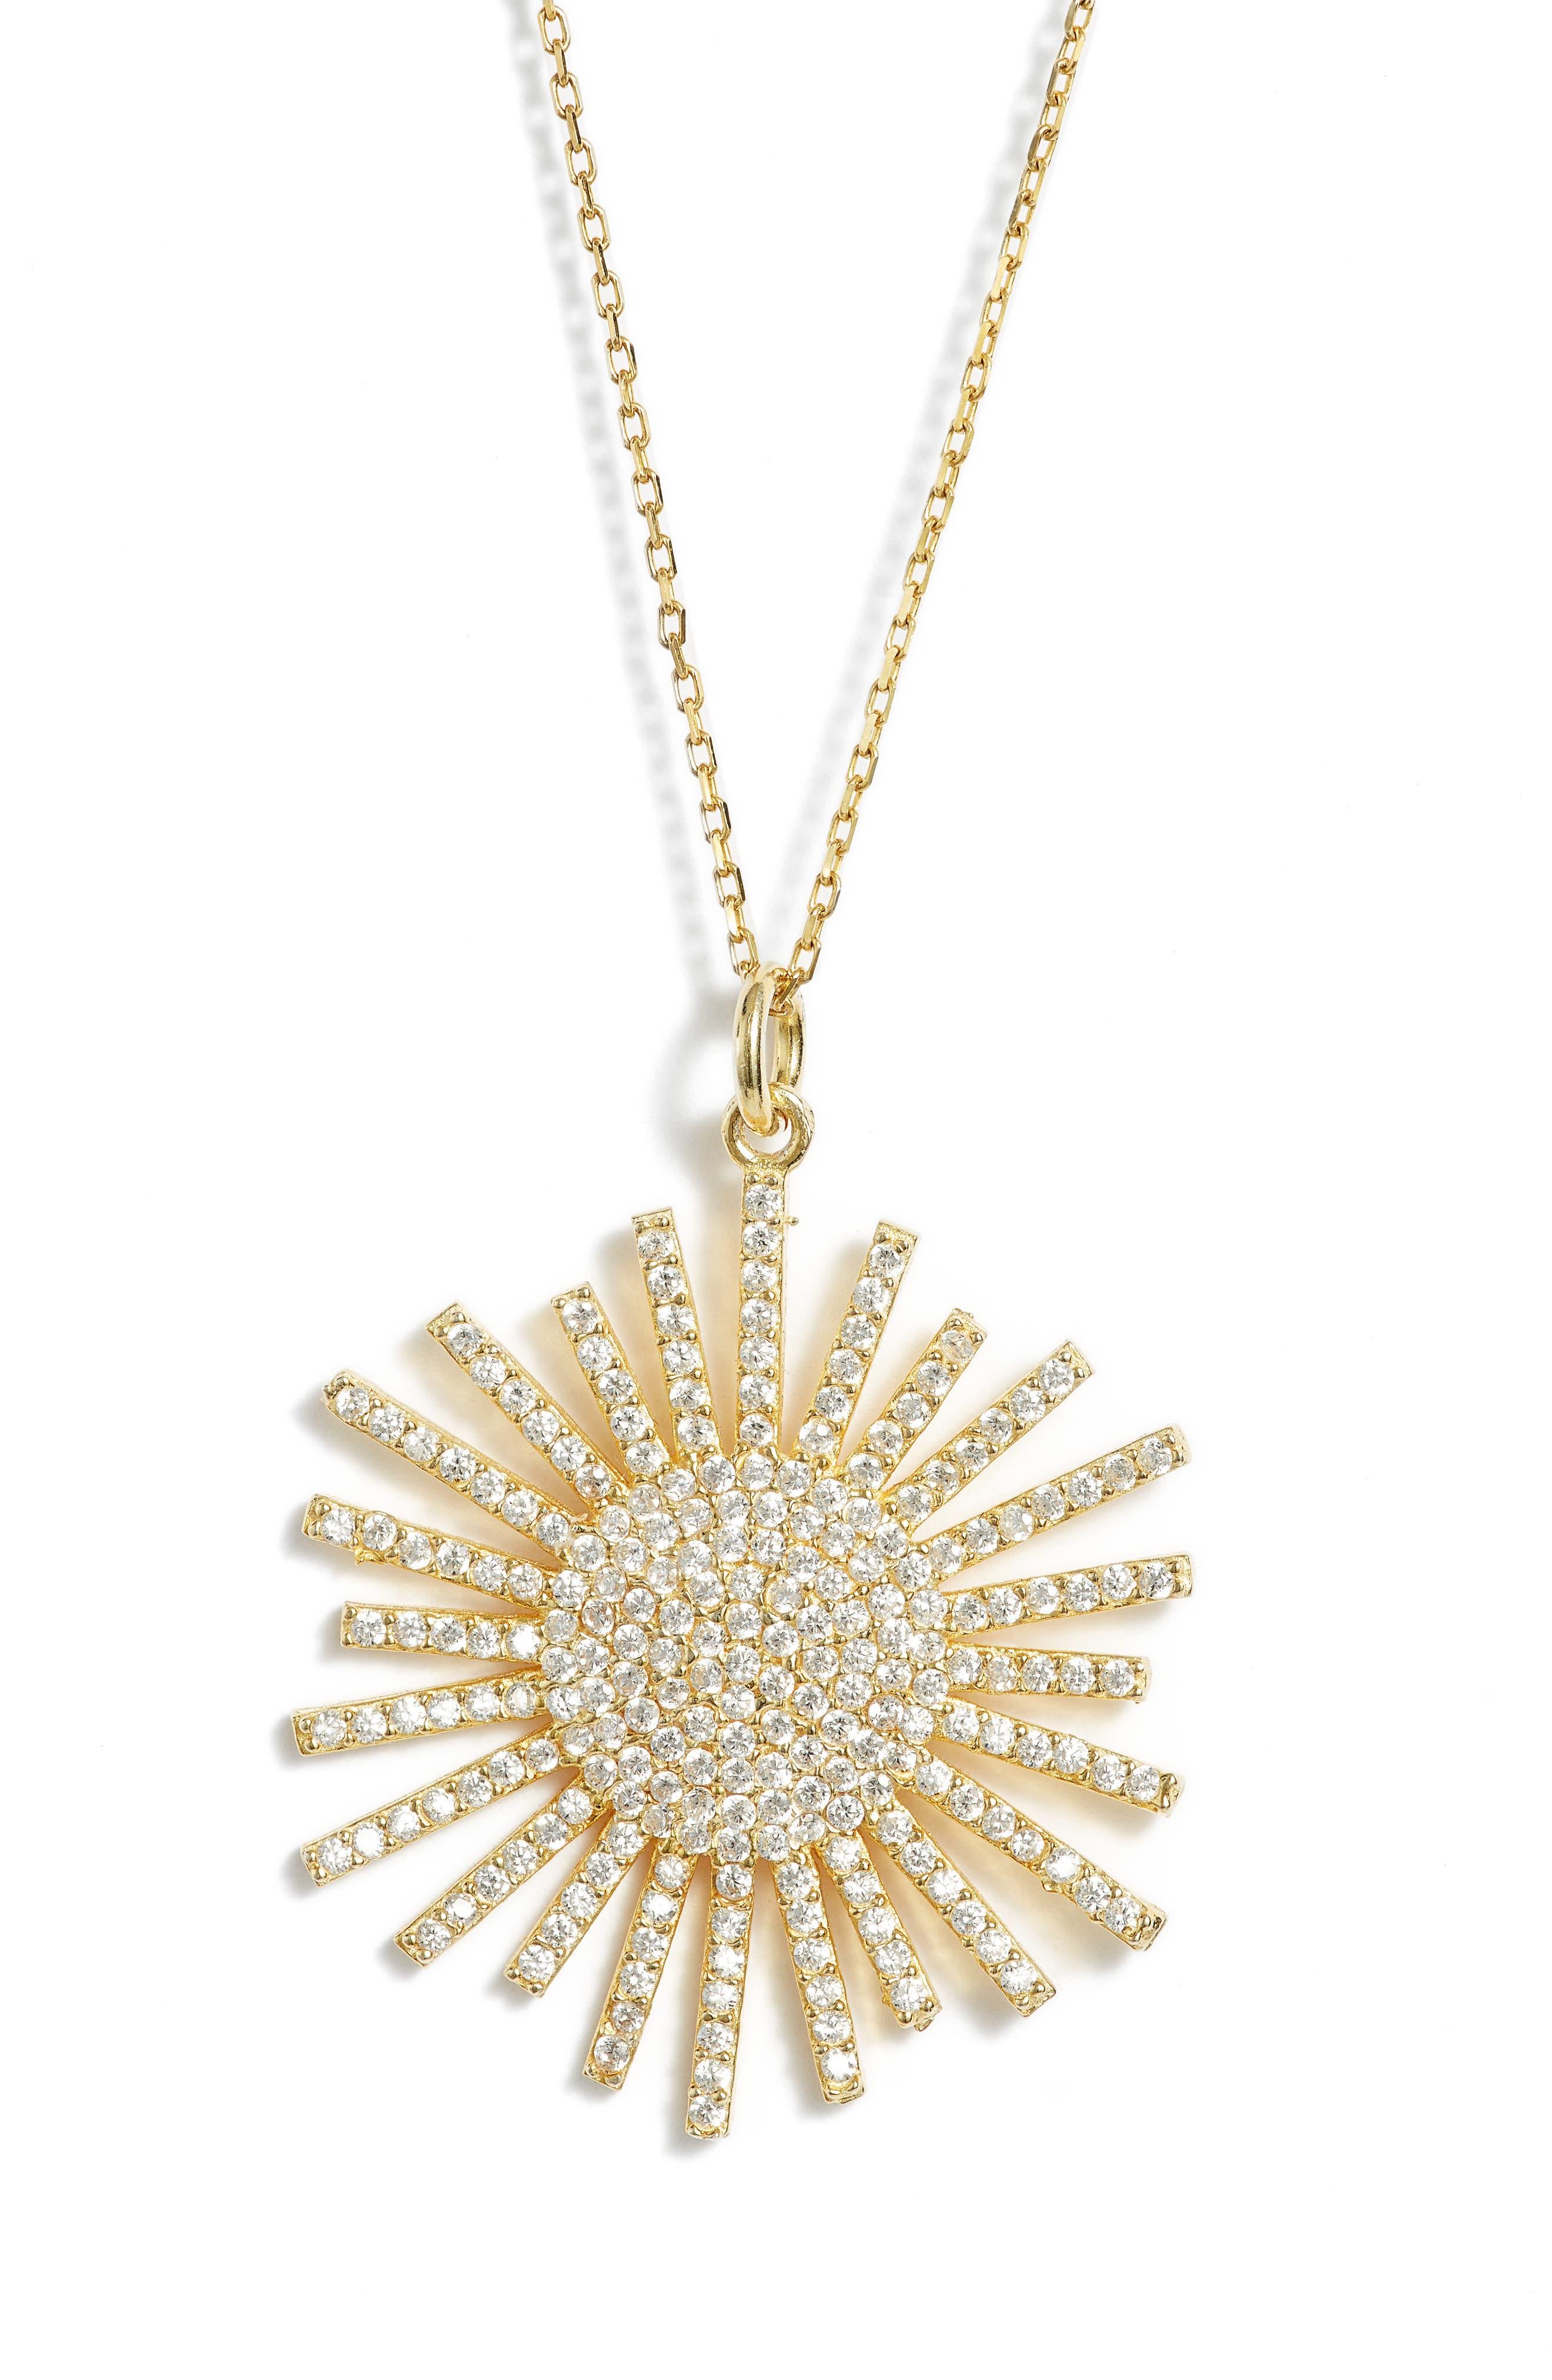 Main Image - Karen London Crystal Starburst Necklace